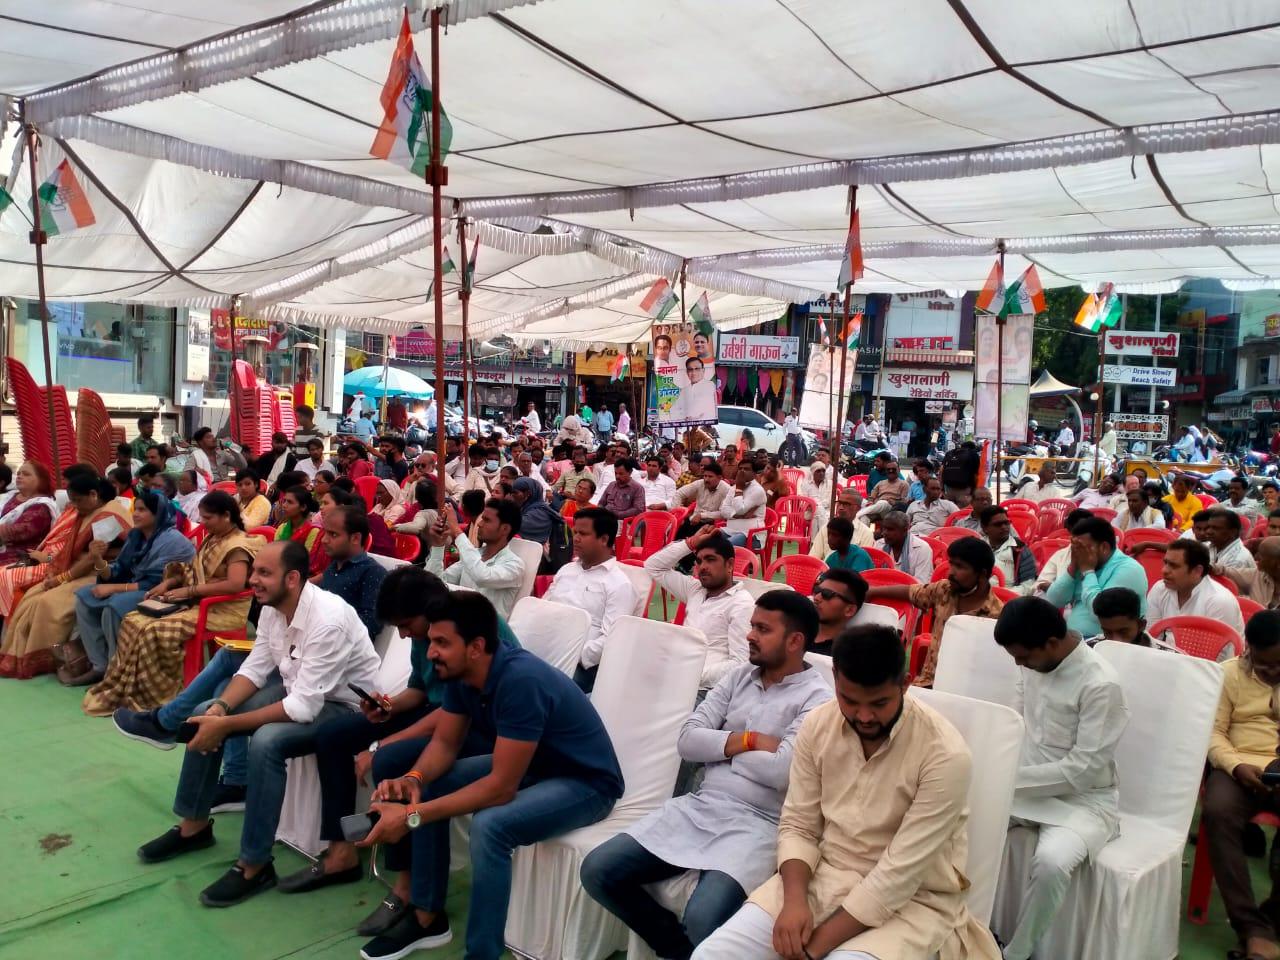 53% ने कहा- लोगों की आमसभा में रुचि नहीं, 31% ने माना- कांग्रेस चुनावी मैनेजमेंट में फेल|खंडवा,Khandwa - Dainik Bhaskar